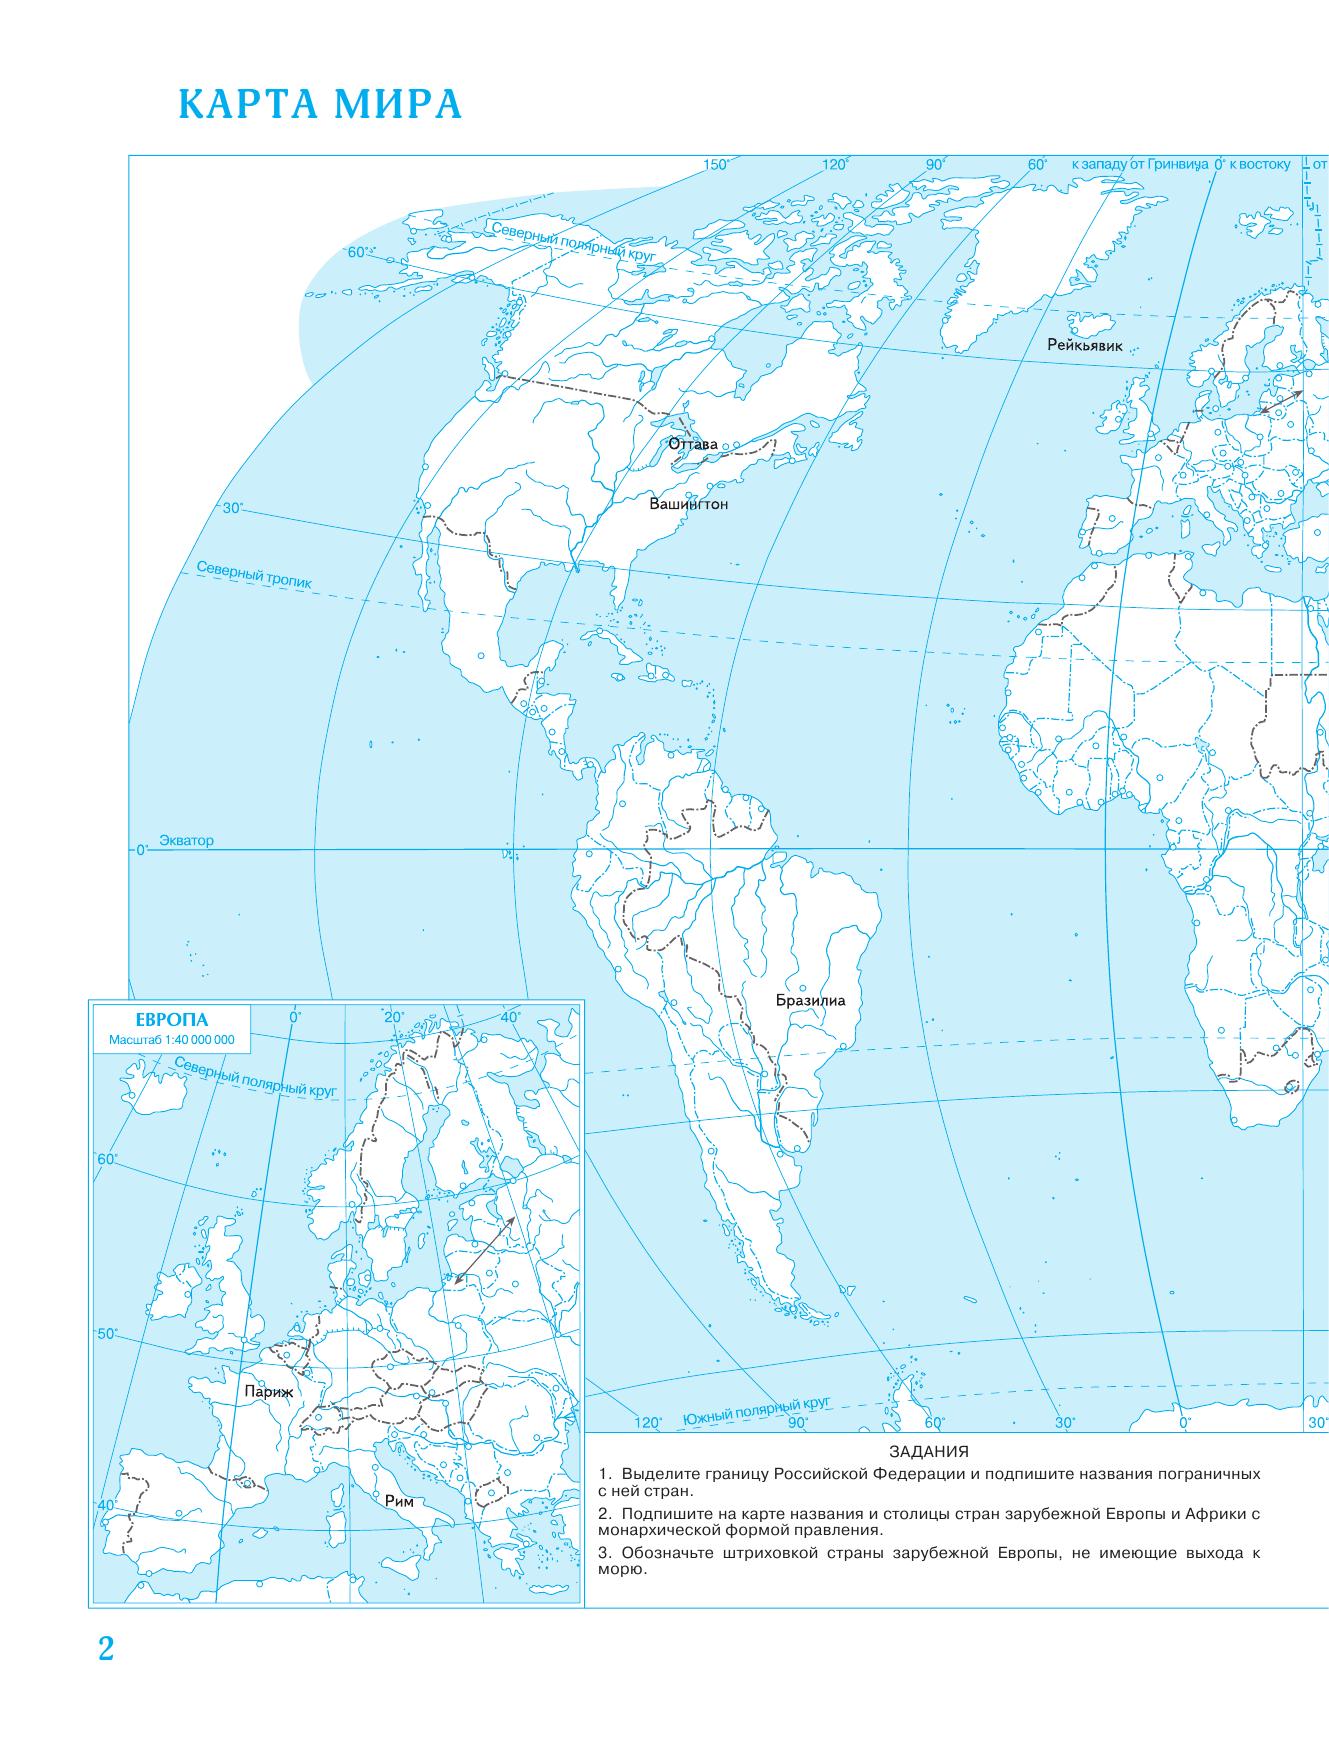 Готовые контурные карты по географии 10 класс беларусь смотреть онлайн